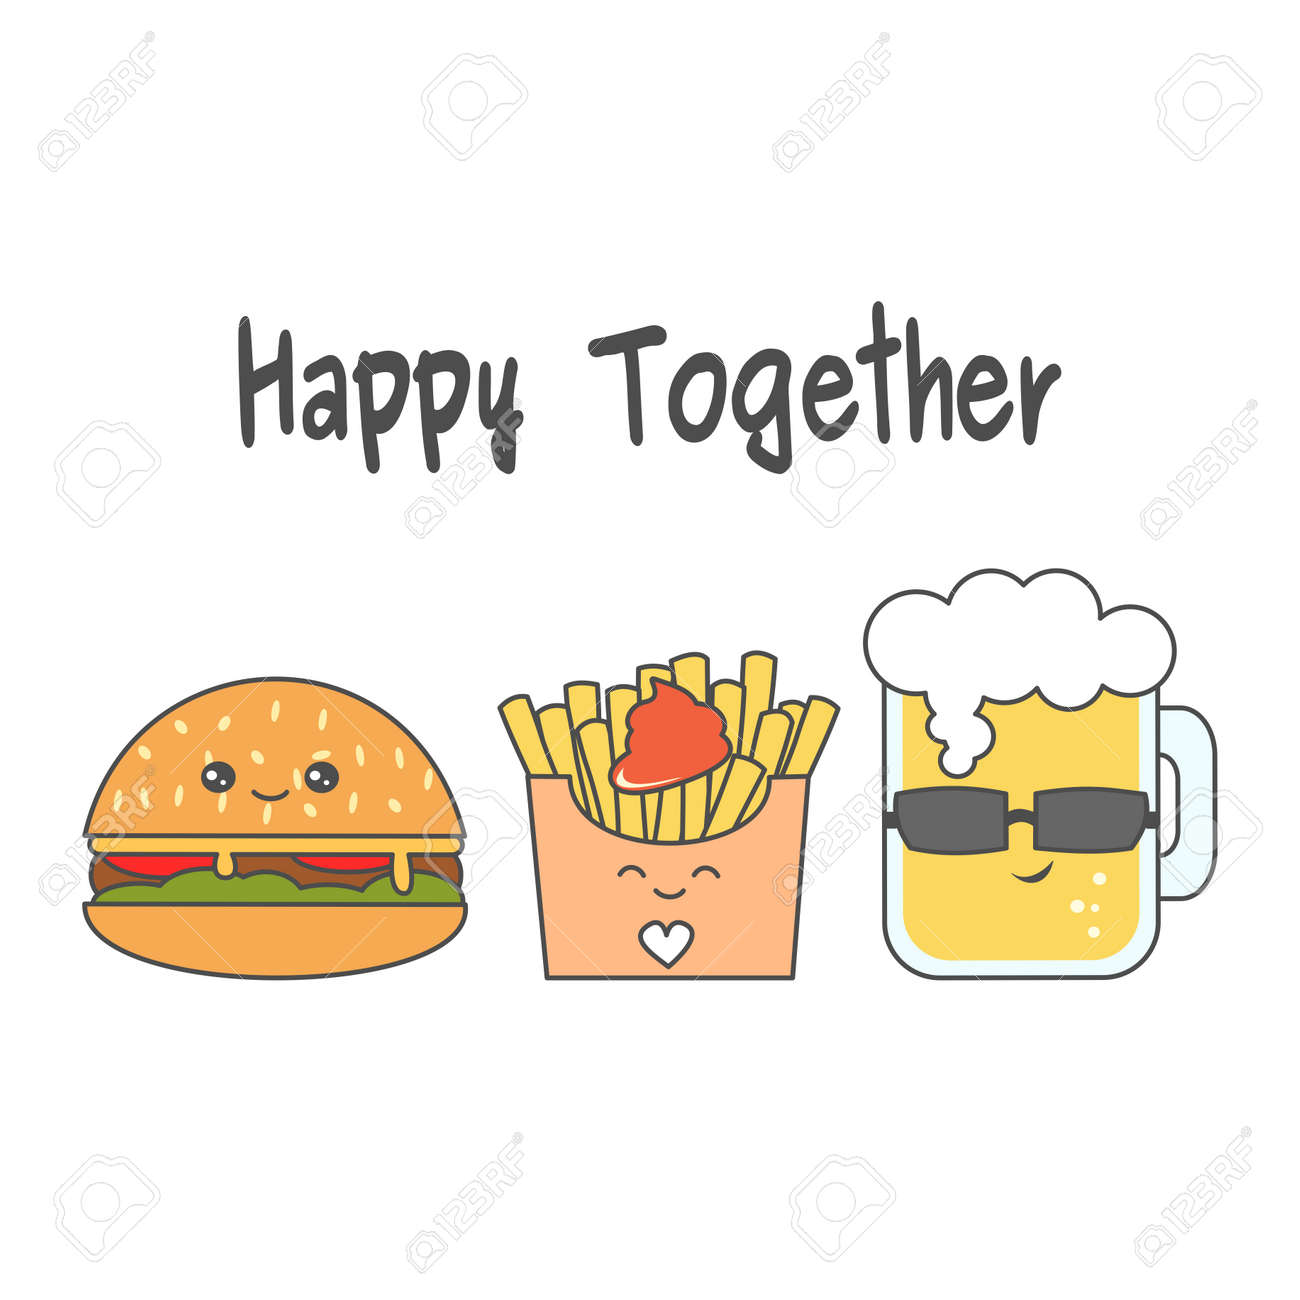 かわいい漫画のチーズバーガー フライド ポテト ビールのグラスのベクトル イラストのイラスト素材 ベクタ Image